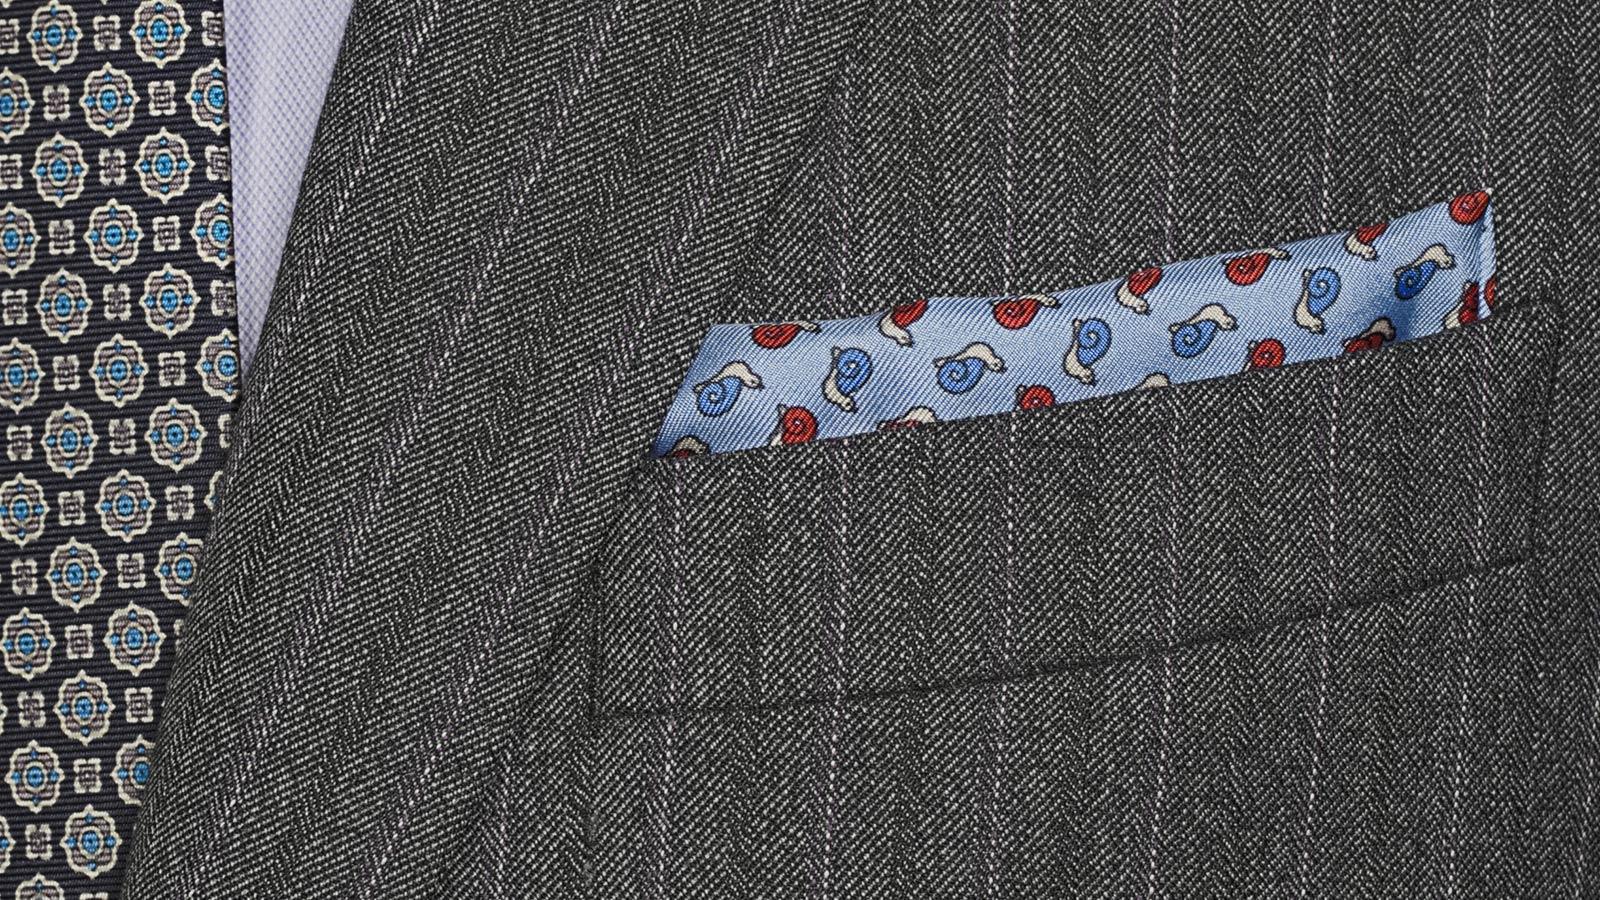 Lavender Stripe Grey Mouline Suit - slider image 1